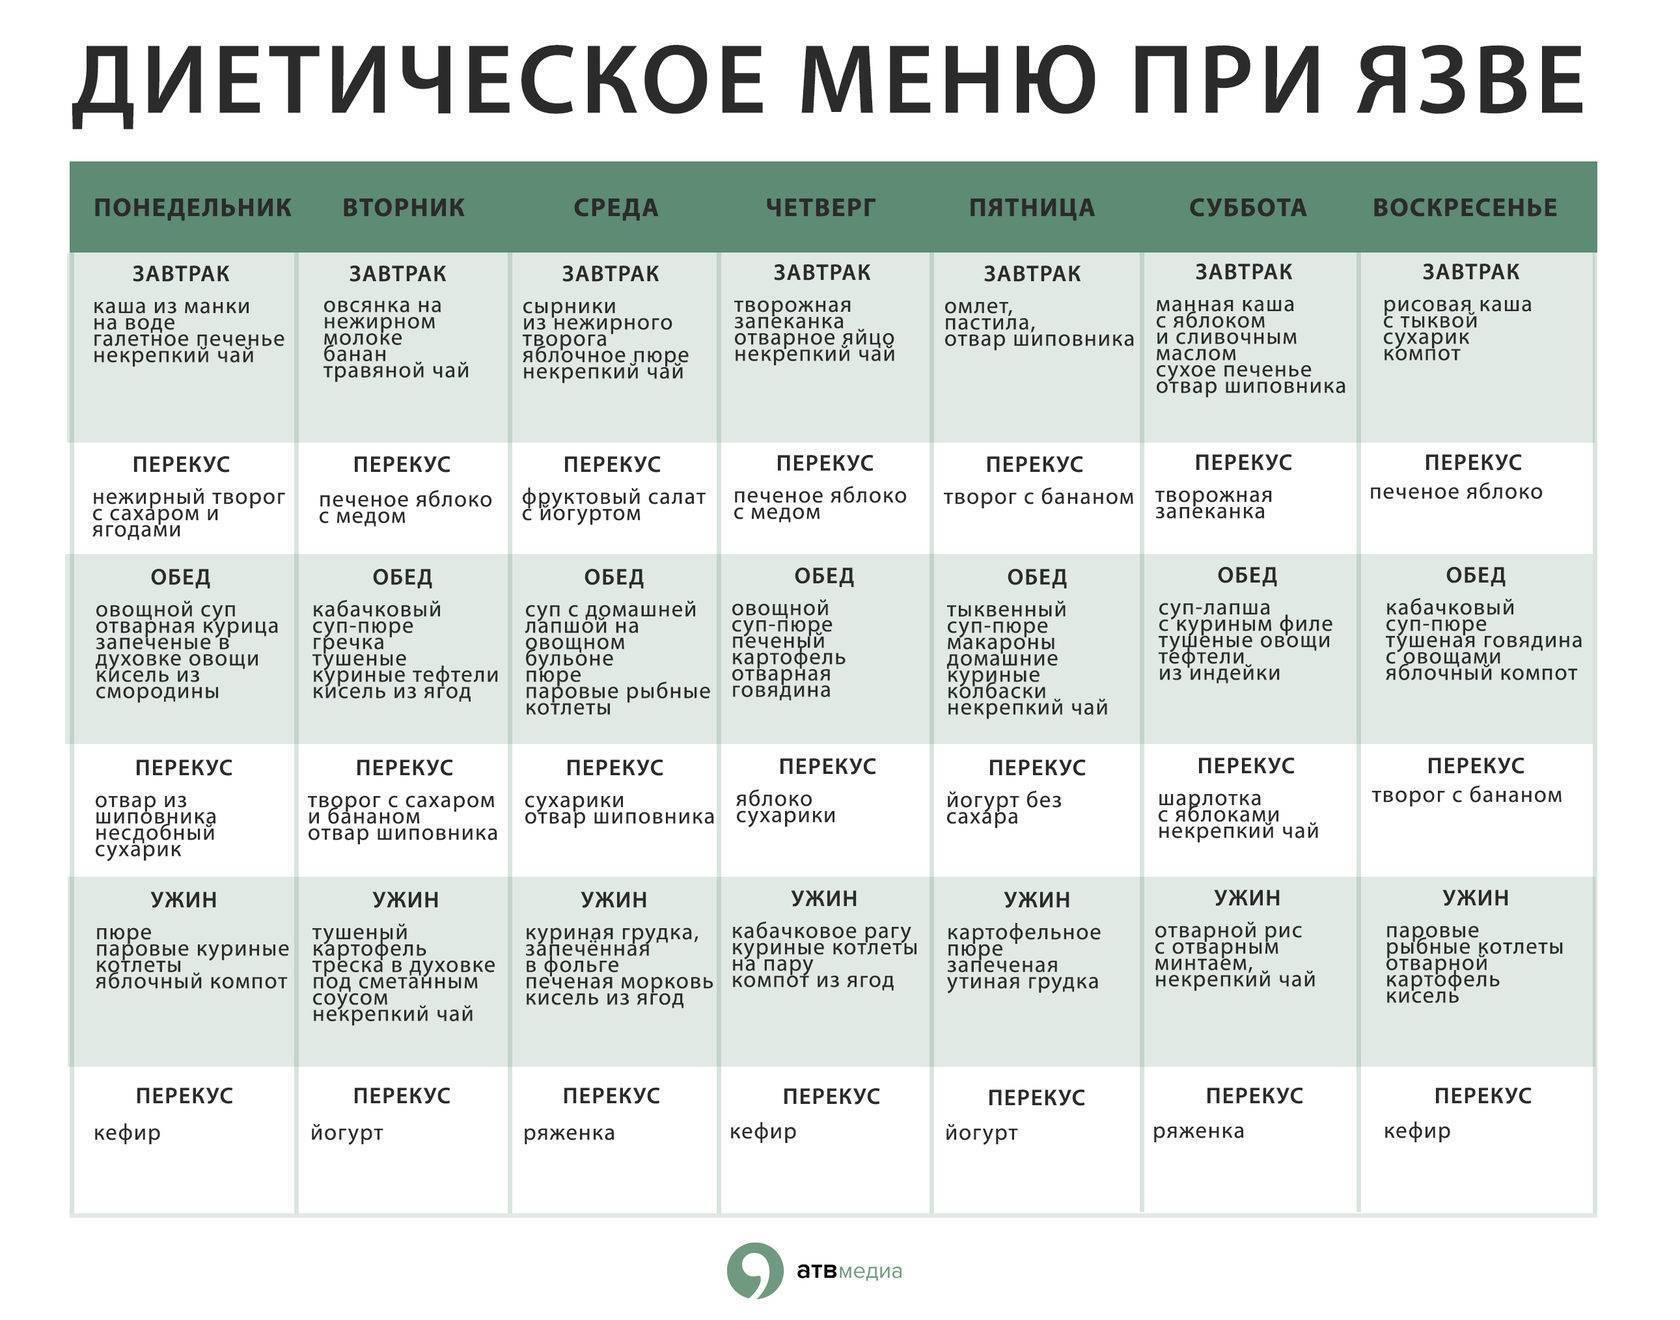 Диета №5п: меню на неделю, рецепты разрешенных блюд